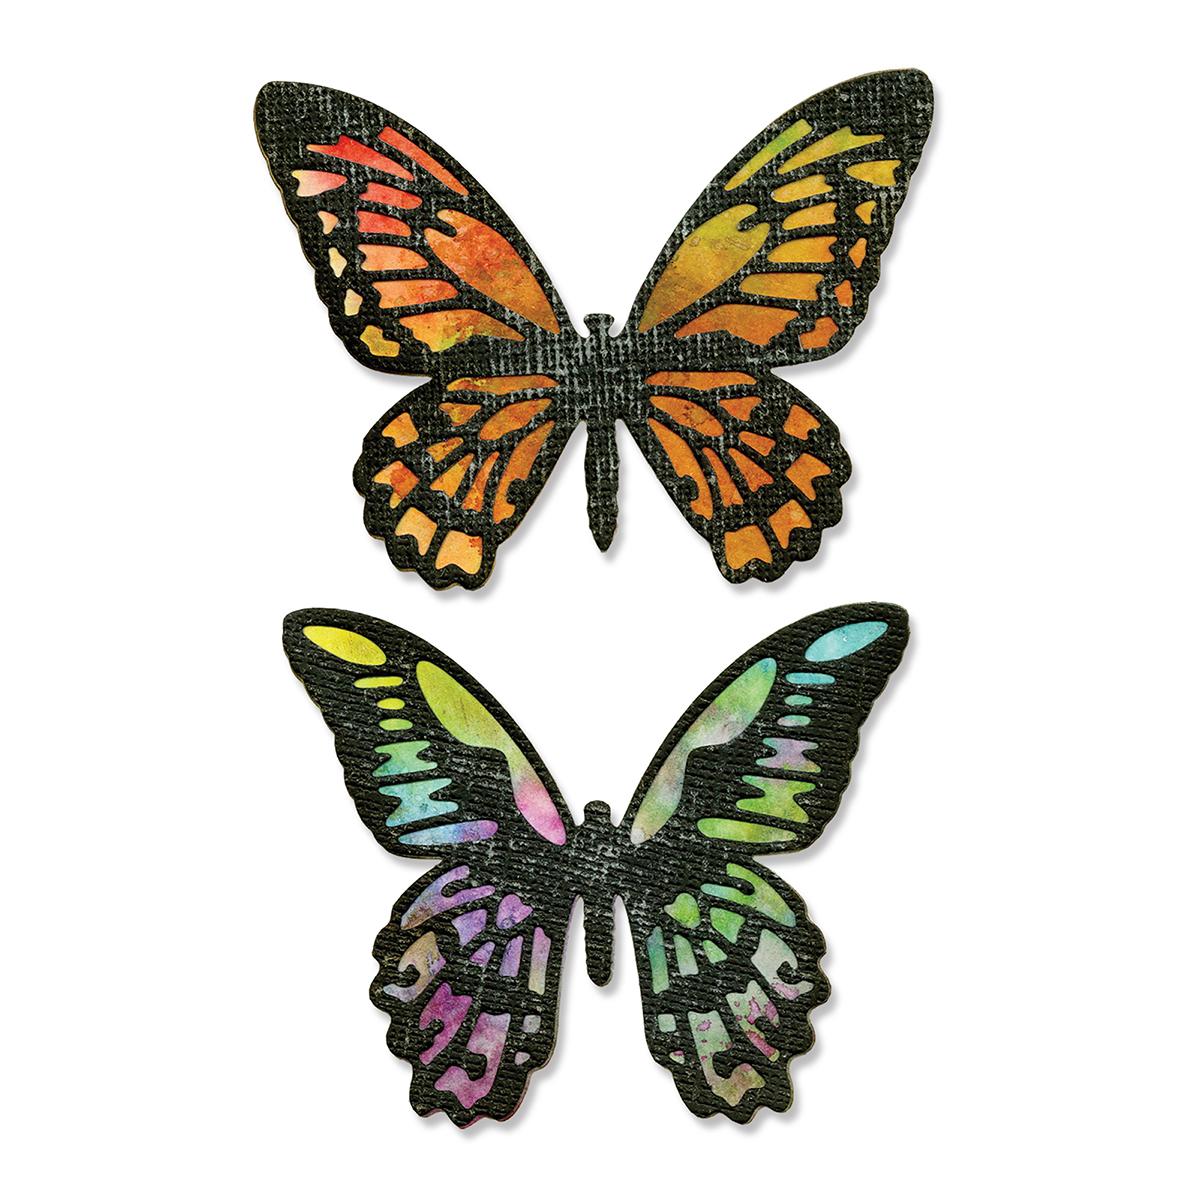 Sizzix Thinlits Dies - Detailed Butterflies by Tim Holtz